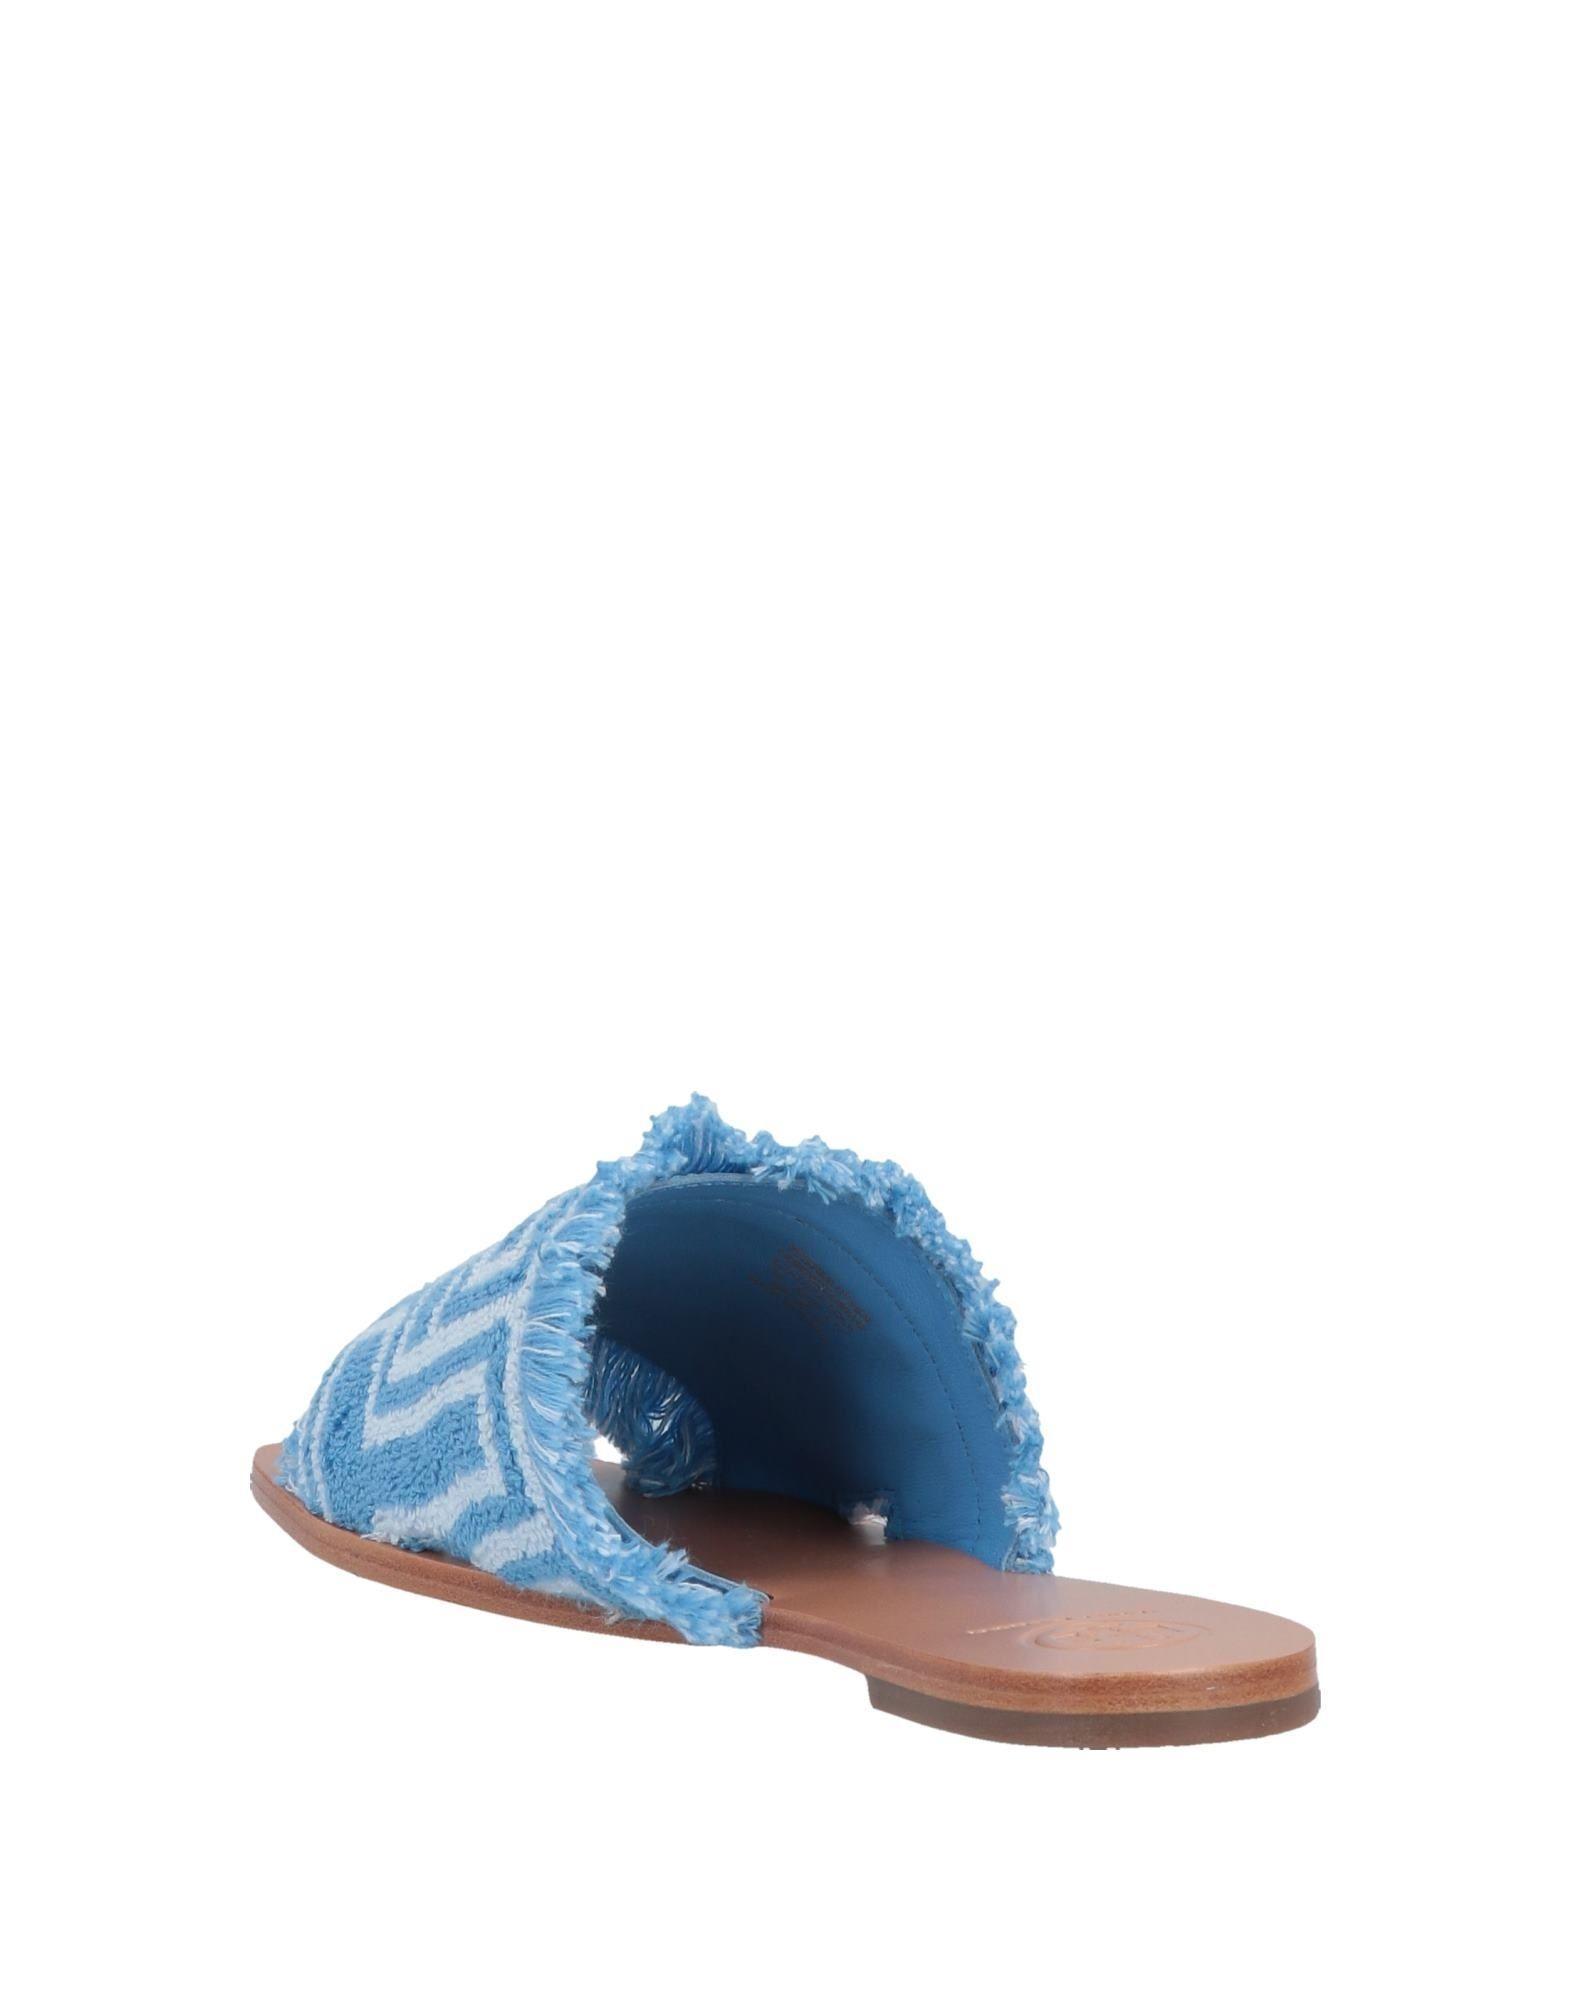 ecdeeeaaf8753e Tory Burch Sandals in Blue - Lyst